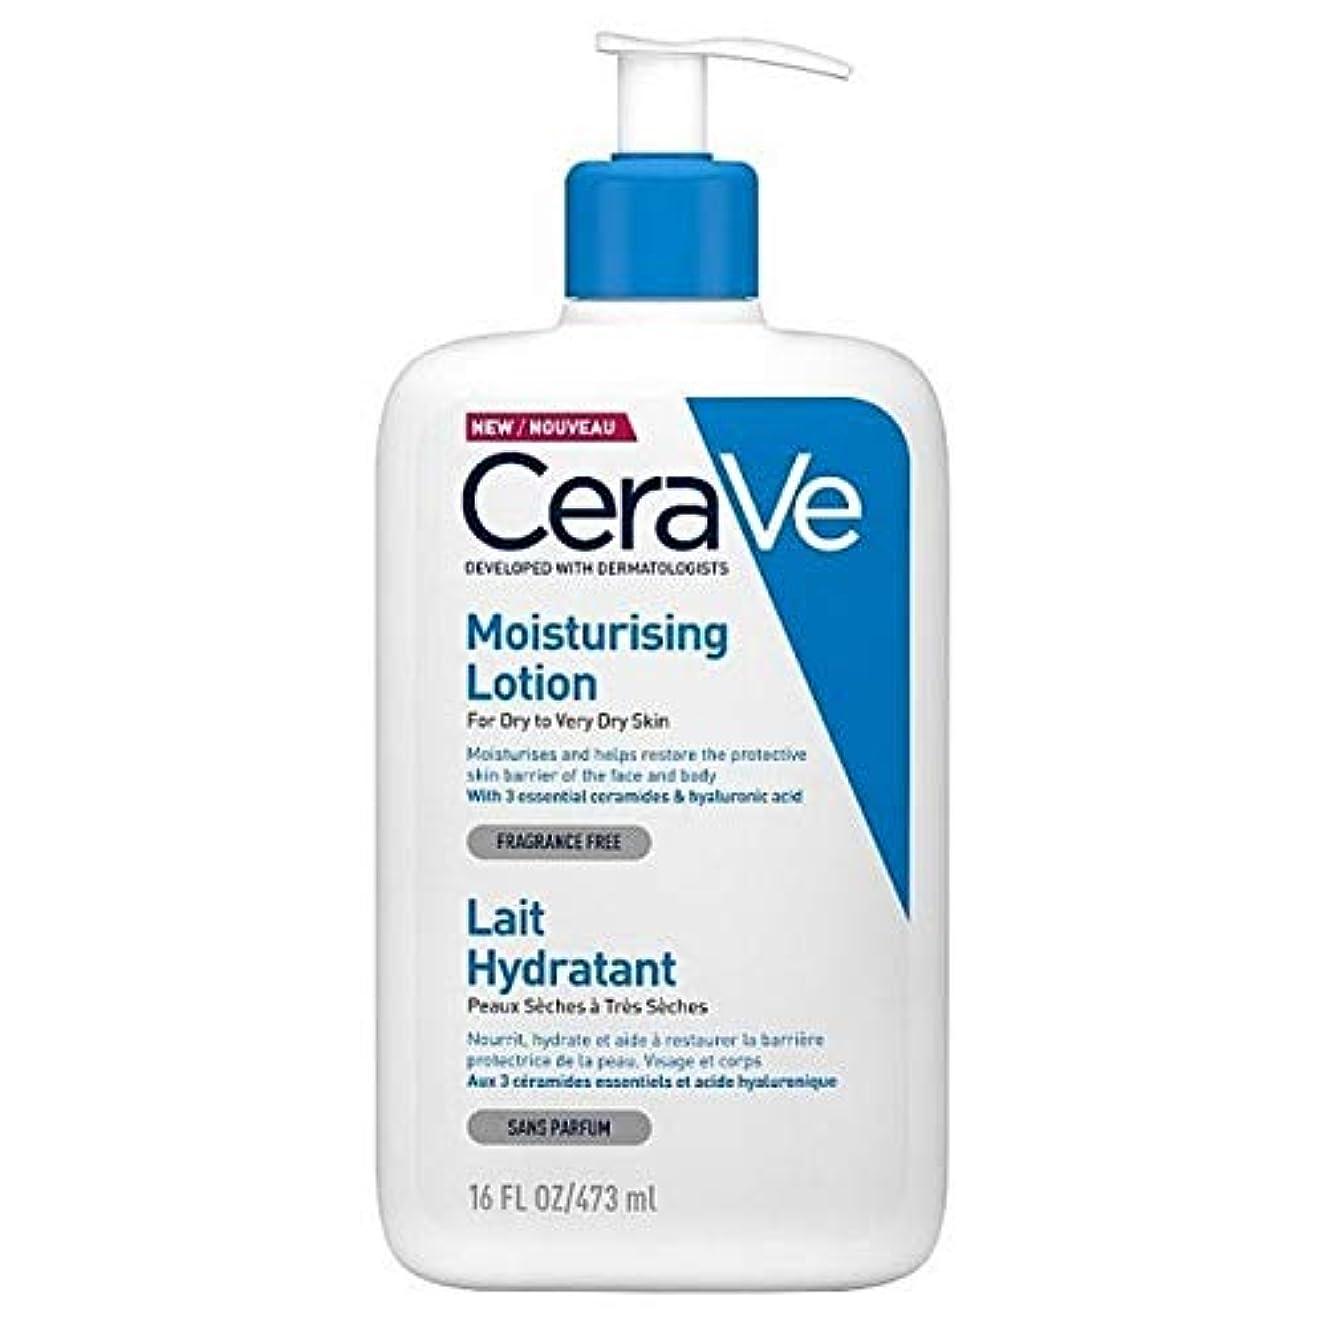 カラス列挙する本能[CeraVe] Cerave保湿ローション473ミリリットル - CeraVe Moisturising Lotion 473ml [並行輸入品]